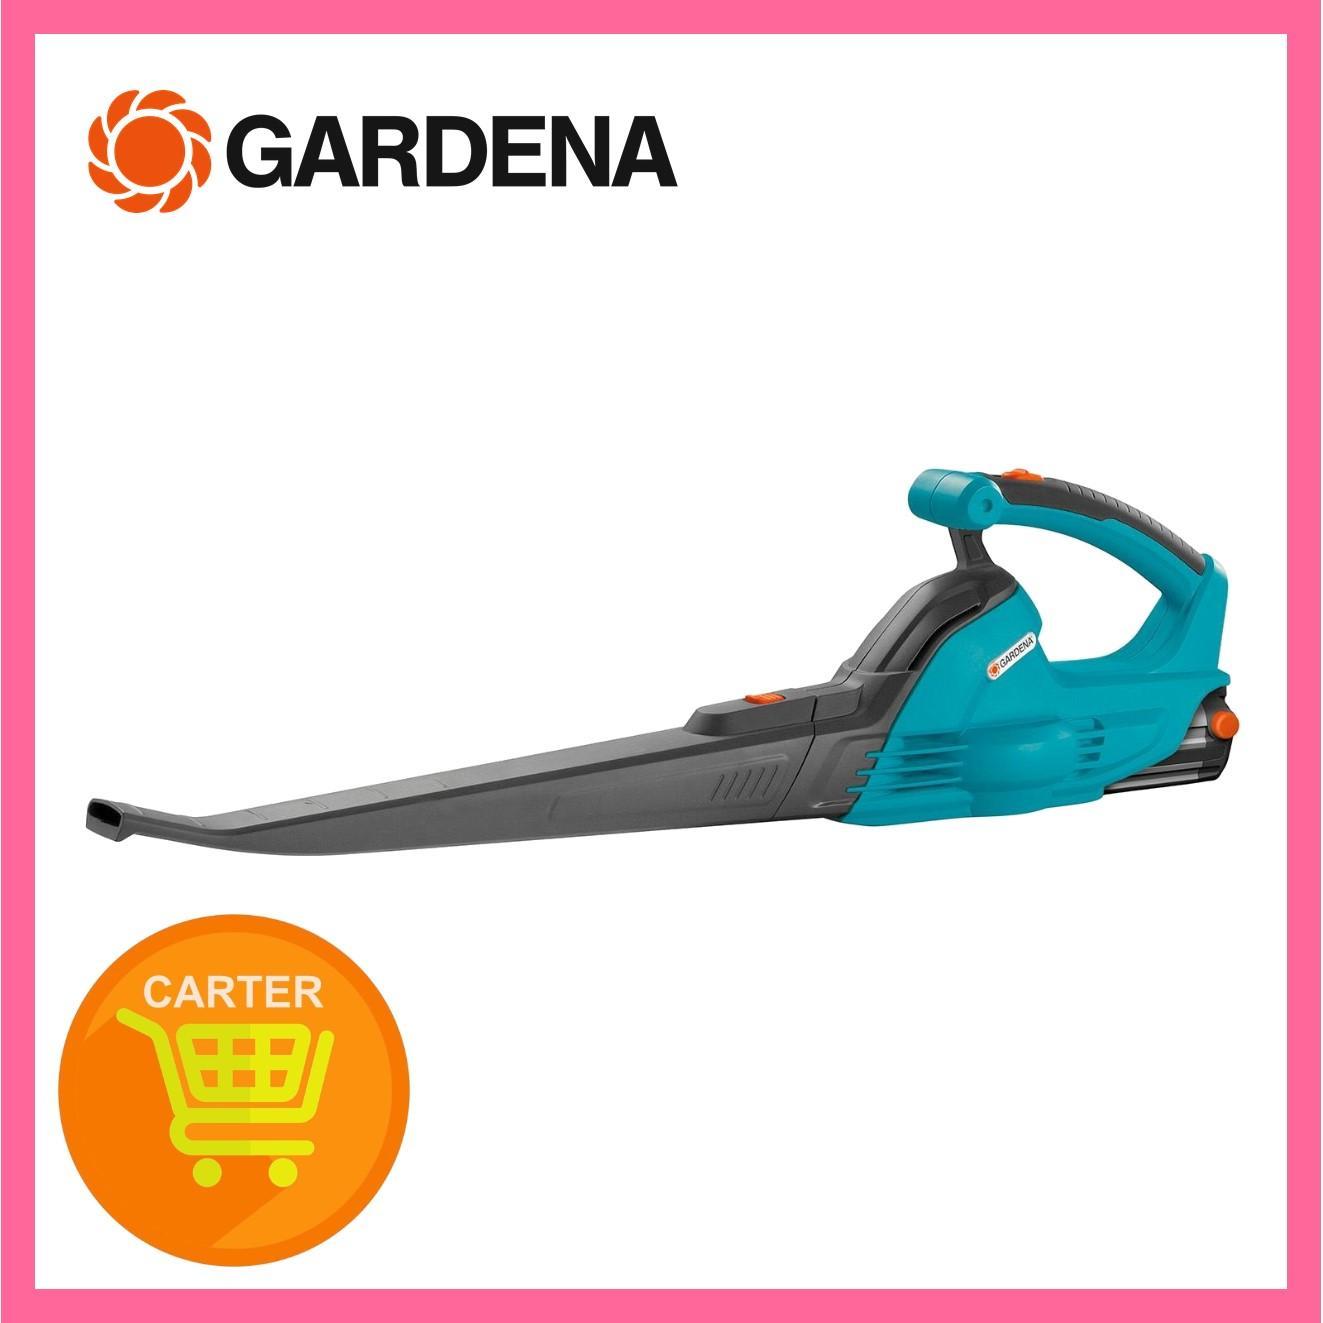 GARDENA Accu Blower Accujet 18 LI - G9335